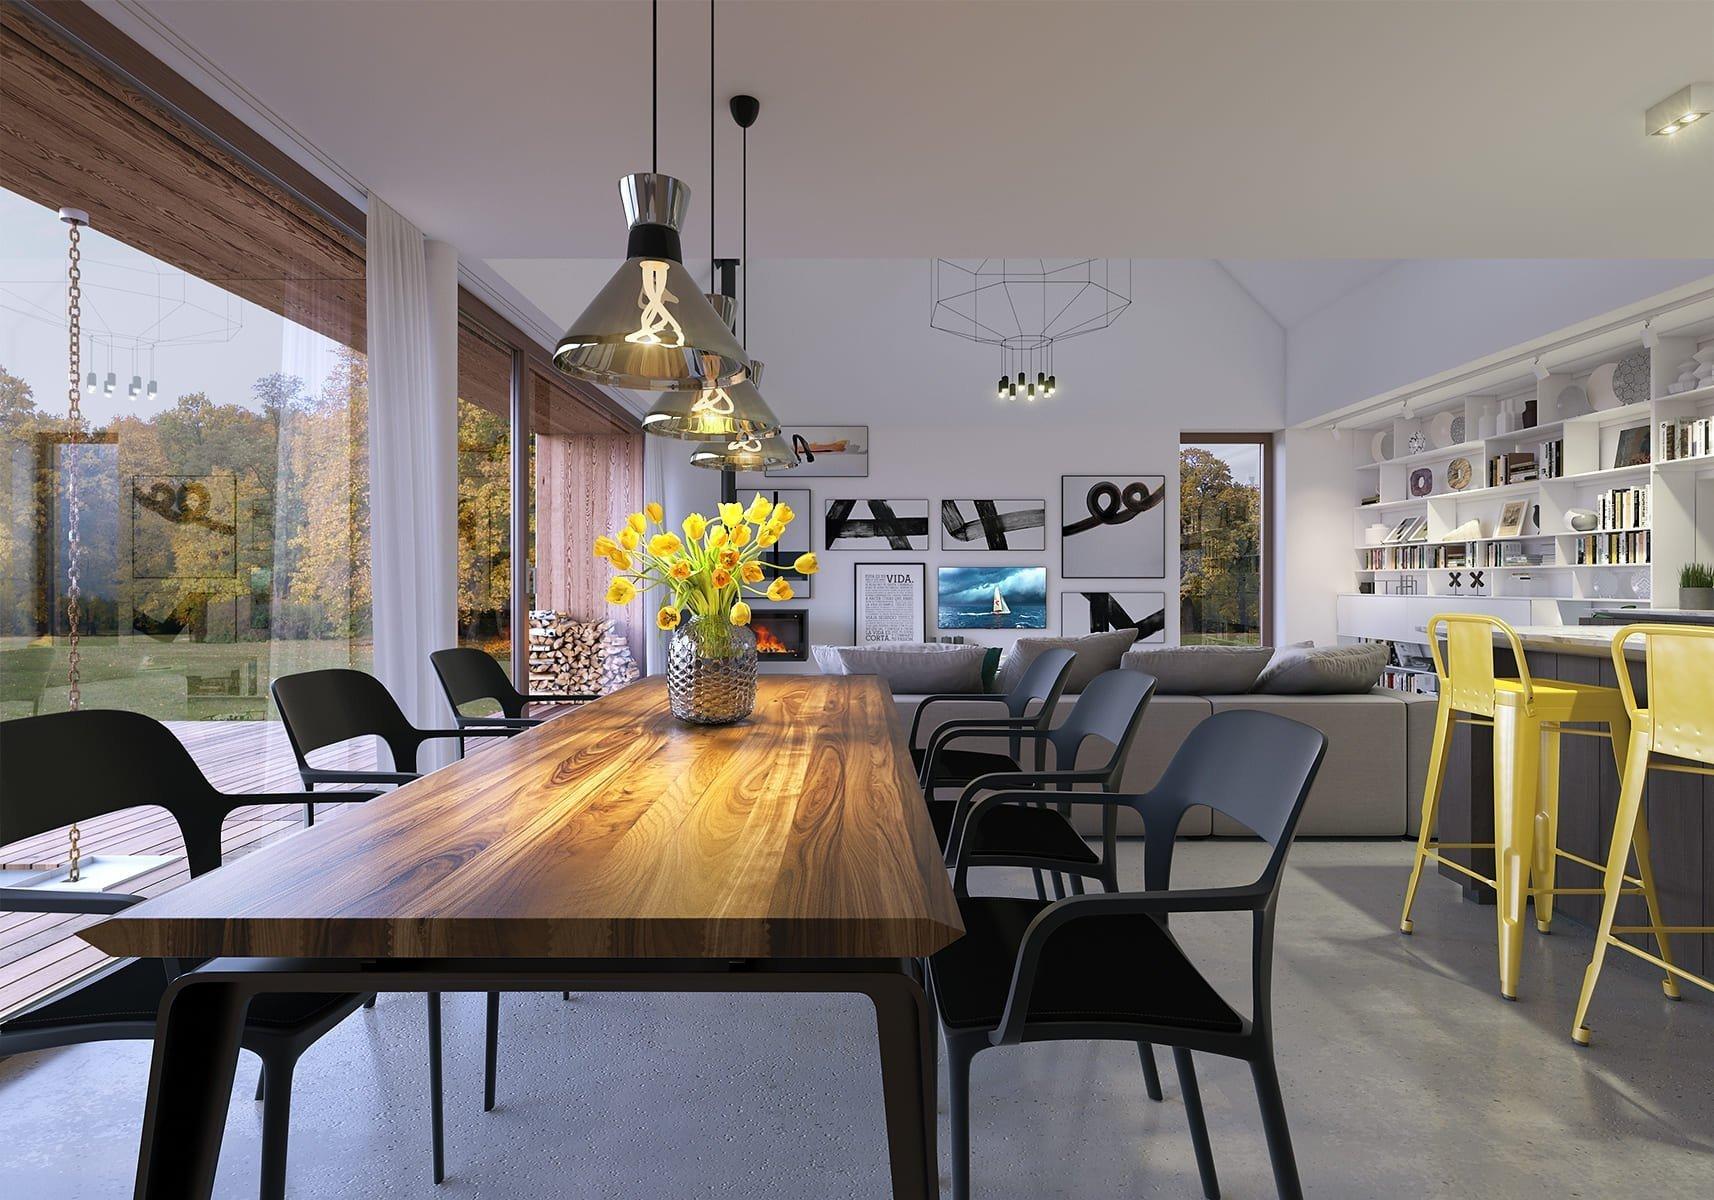 V případě rekonstrukcí i novostaveb se spolupráce s interiérovým designérem může zdát jako nadbytečný luxus, který svým zákazníkům dopřeje při budování nového bydlení veškerý komfort za přehnanou finanční částku. Opak je ale pravdou. V našem dnešním článku se tak podíváme na to, jaké praktické stránky spolupráce s interiérovým designérem přináší. A jak vám pomůže ušetřit nervy, čas i peníze.